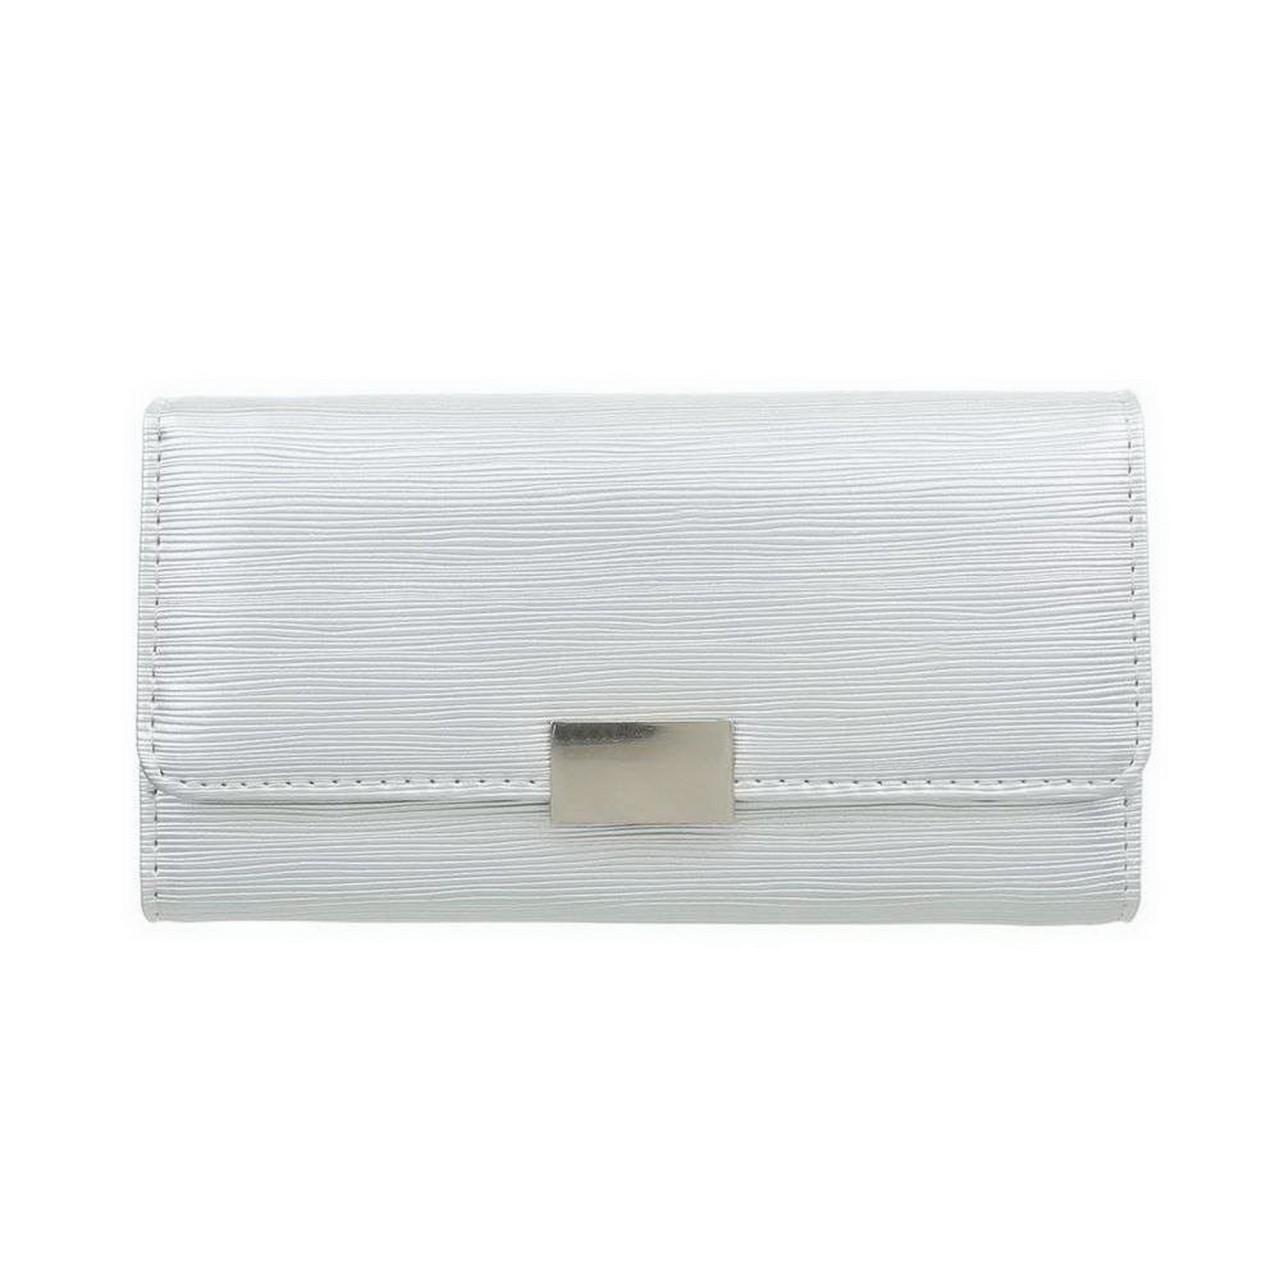 Damengeldbörse white